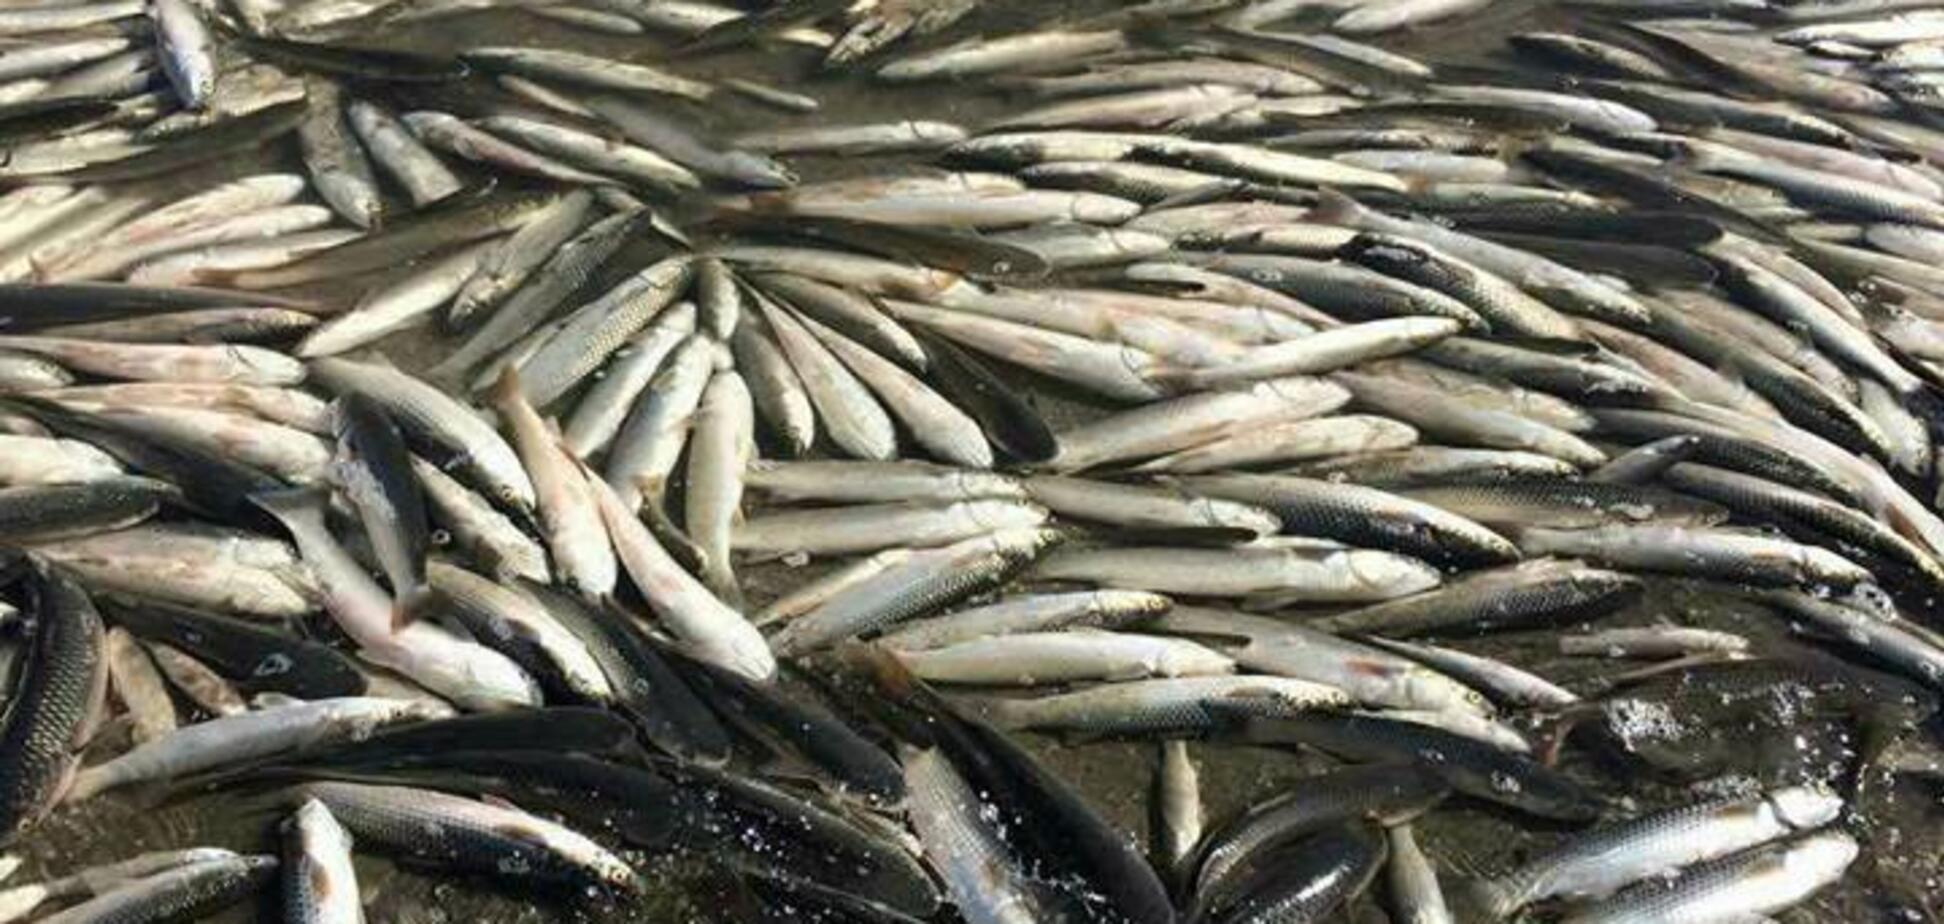 В Запорожской области на берег выбросило тысячи мёртвых рыб